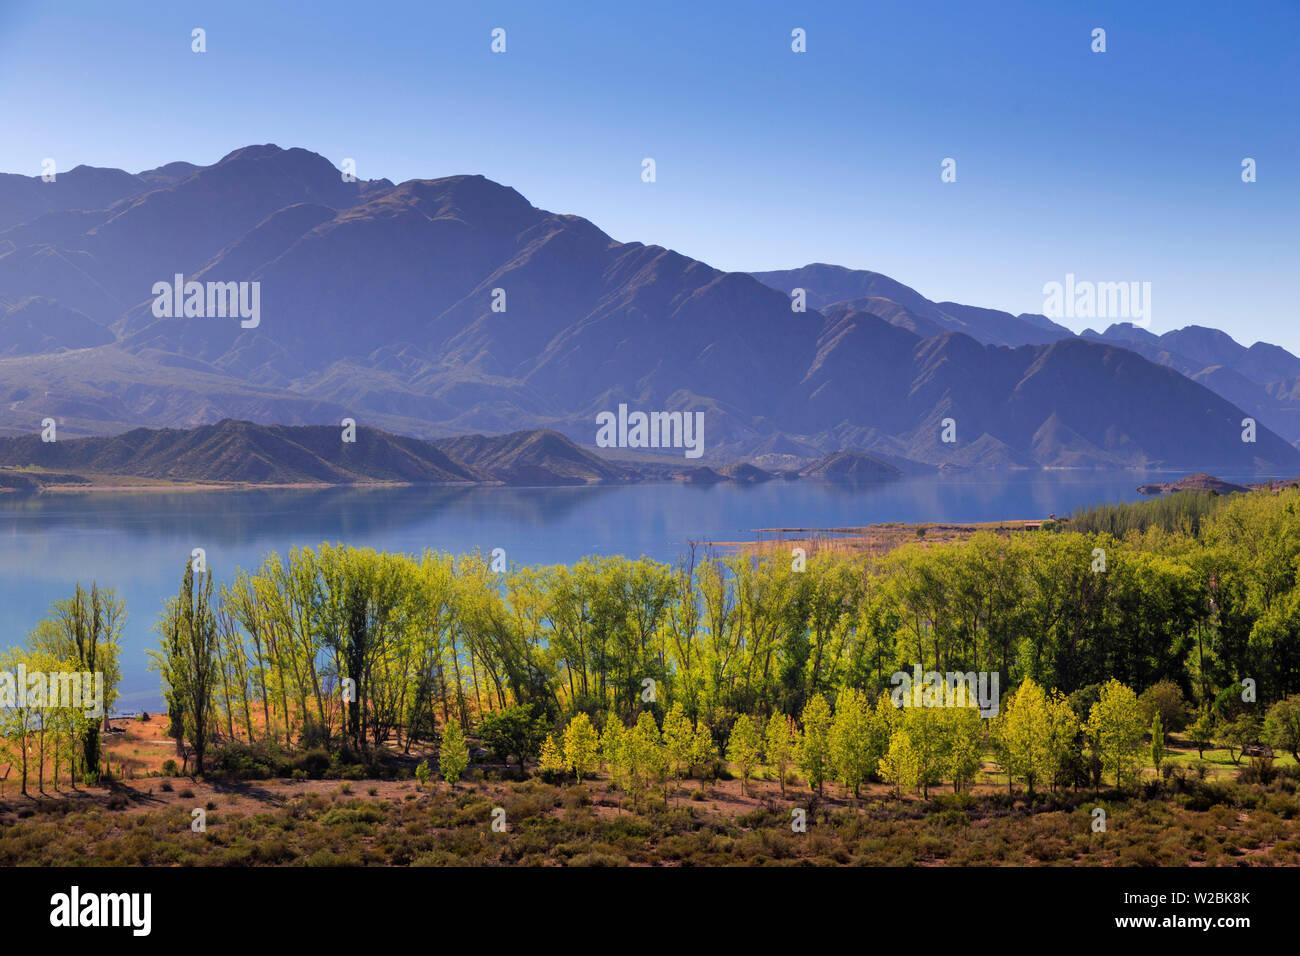 Argentina, Mendoza, Potrerillo Lake - Stock Image